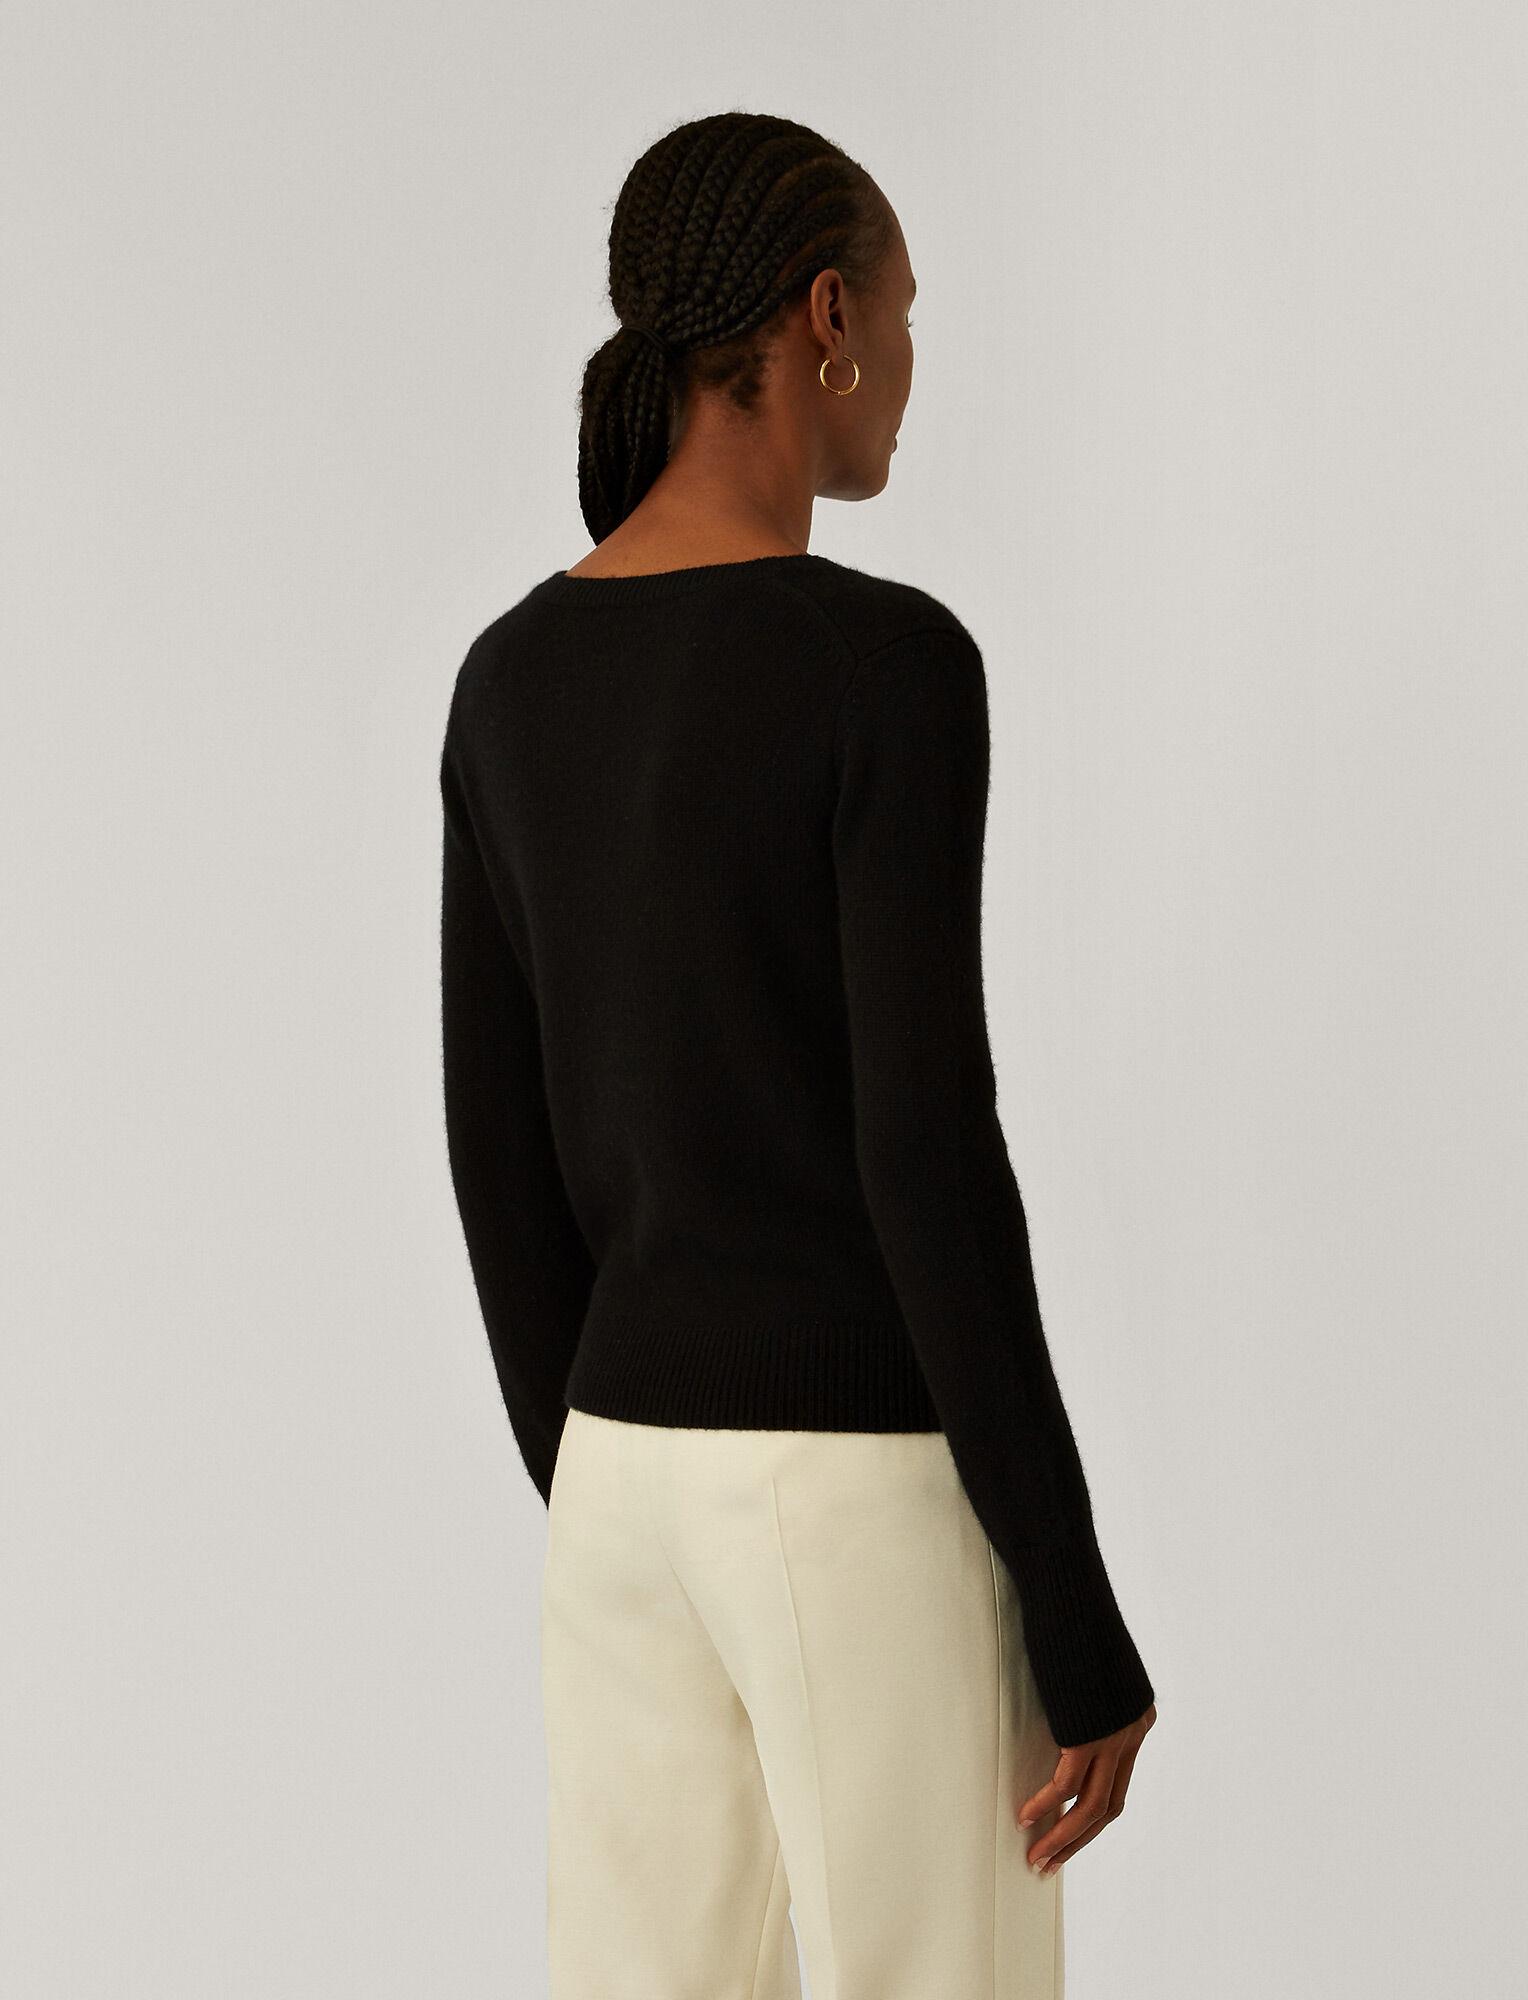 Joseph, V Neck Pure Cashmere Knit, in Black